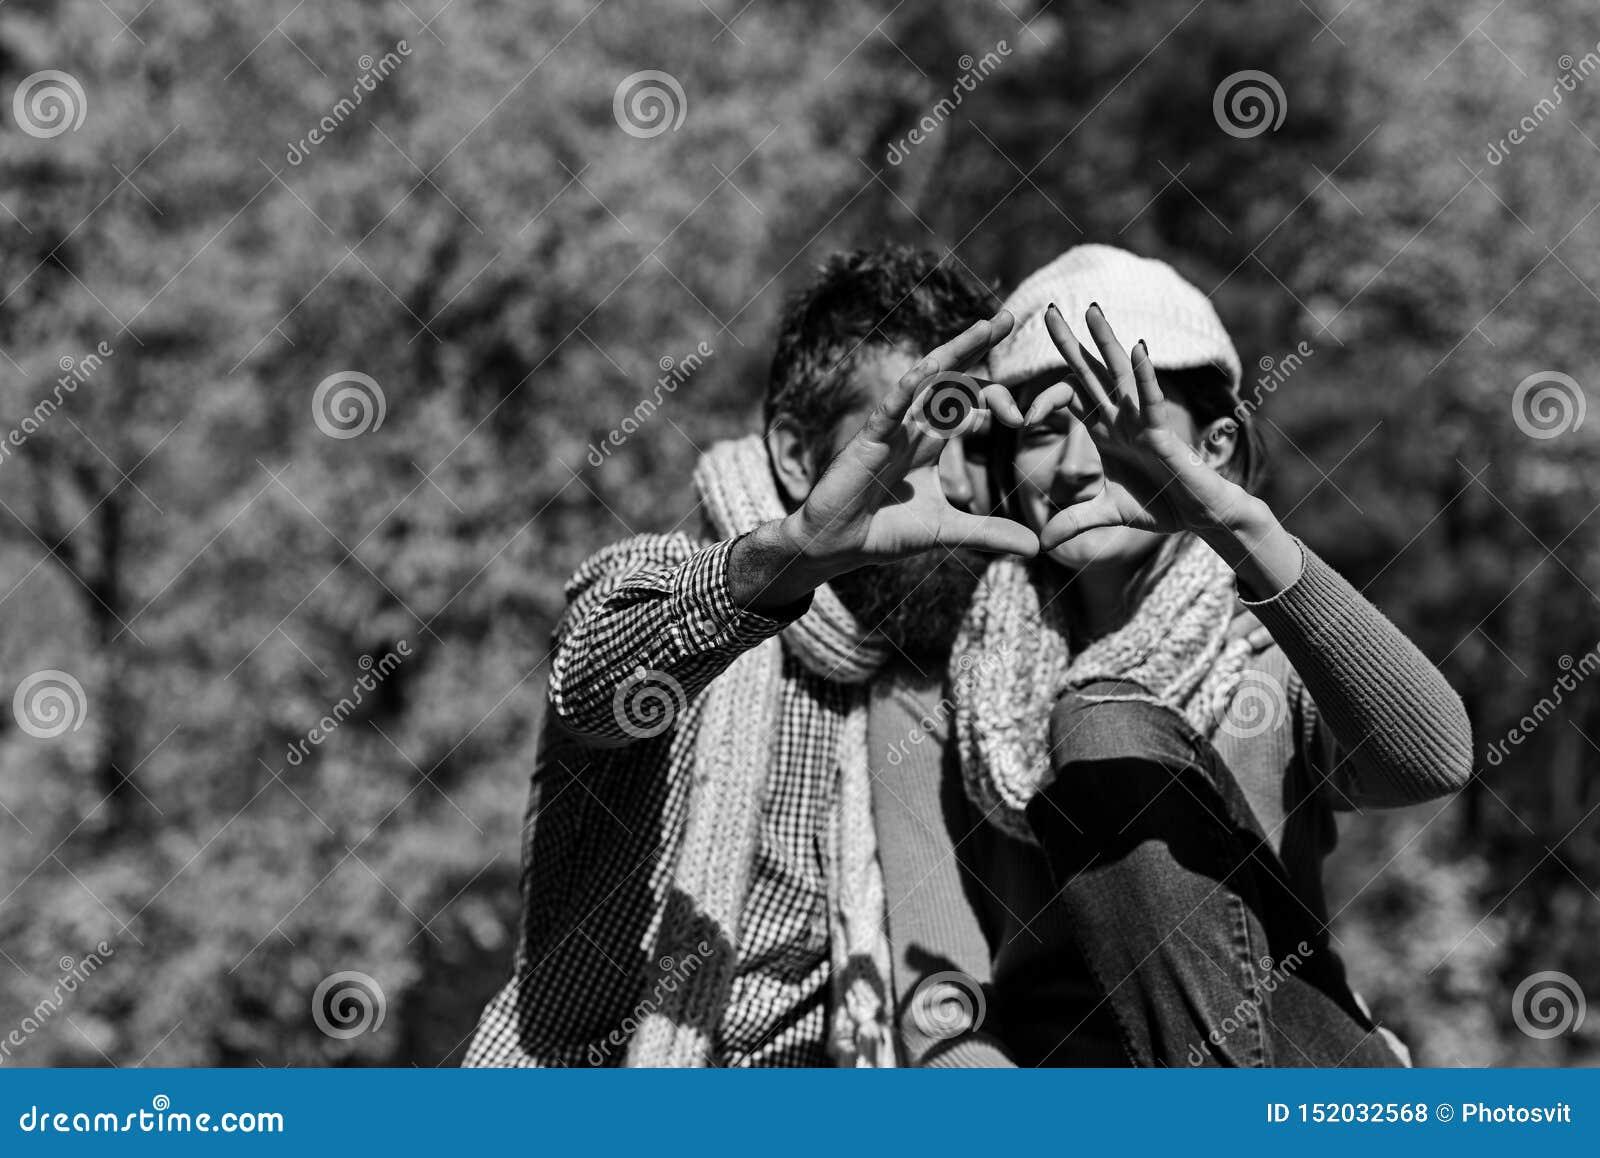 Έννοια αγάπης χρονολόγησης και φθινοπώρου Ο άνδρας και η γυναίκα παρουσιάζουν καρδιά